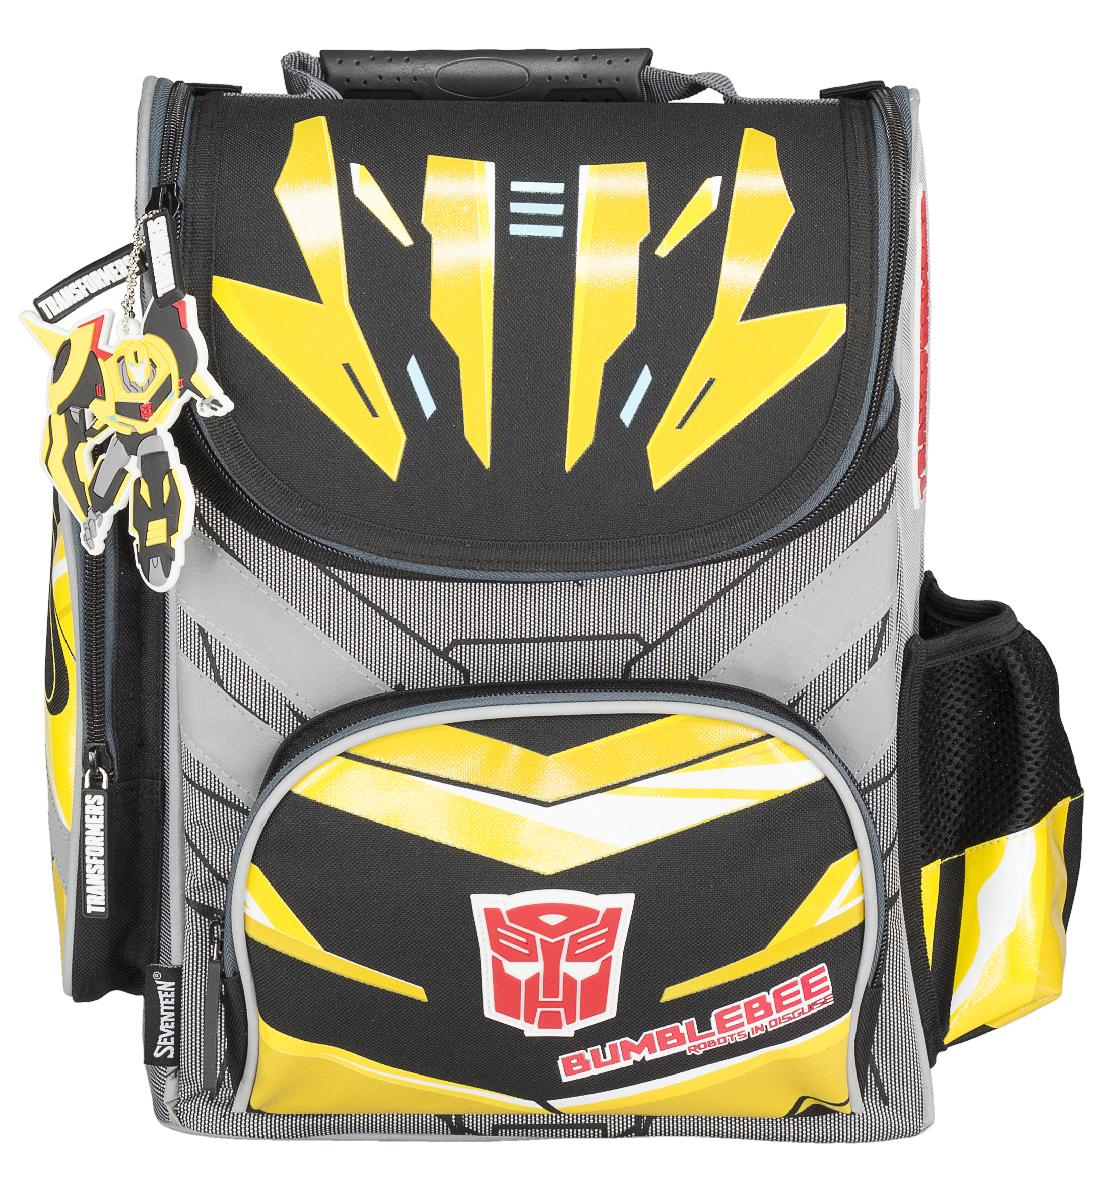 Transformers Prime Ранец профилактический с эргономической спинкой Transformers Prime72523WDРанец профилактический с эргономической спинкой. Спинка выполнена с использованием толстого поролона, усилена пластиком, жесткие боковые стороны. Внутри ранца имеется вместительное отделение с двумя разделителями, снаружи предусмотрены три кармана для аксессуаров, Размер 35 х 26,5 х 13 см, Transformers Prime